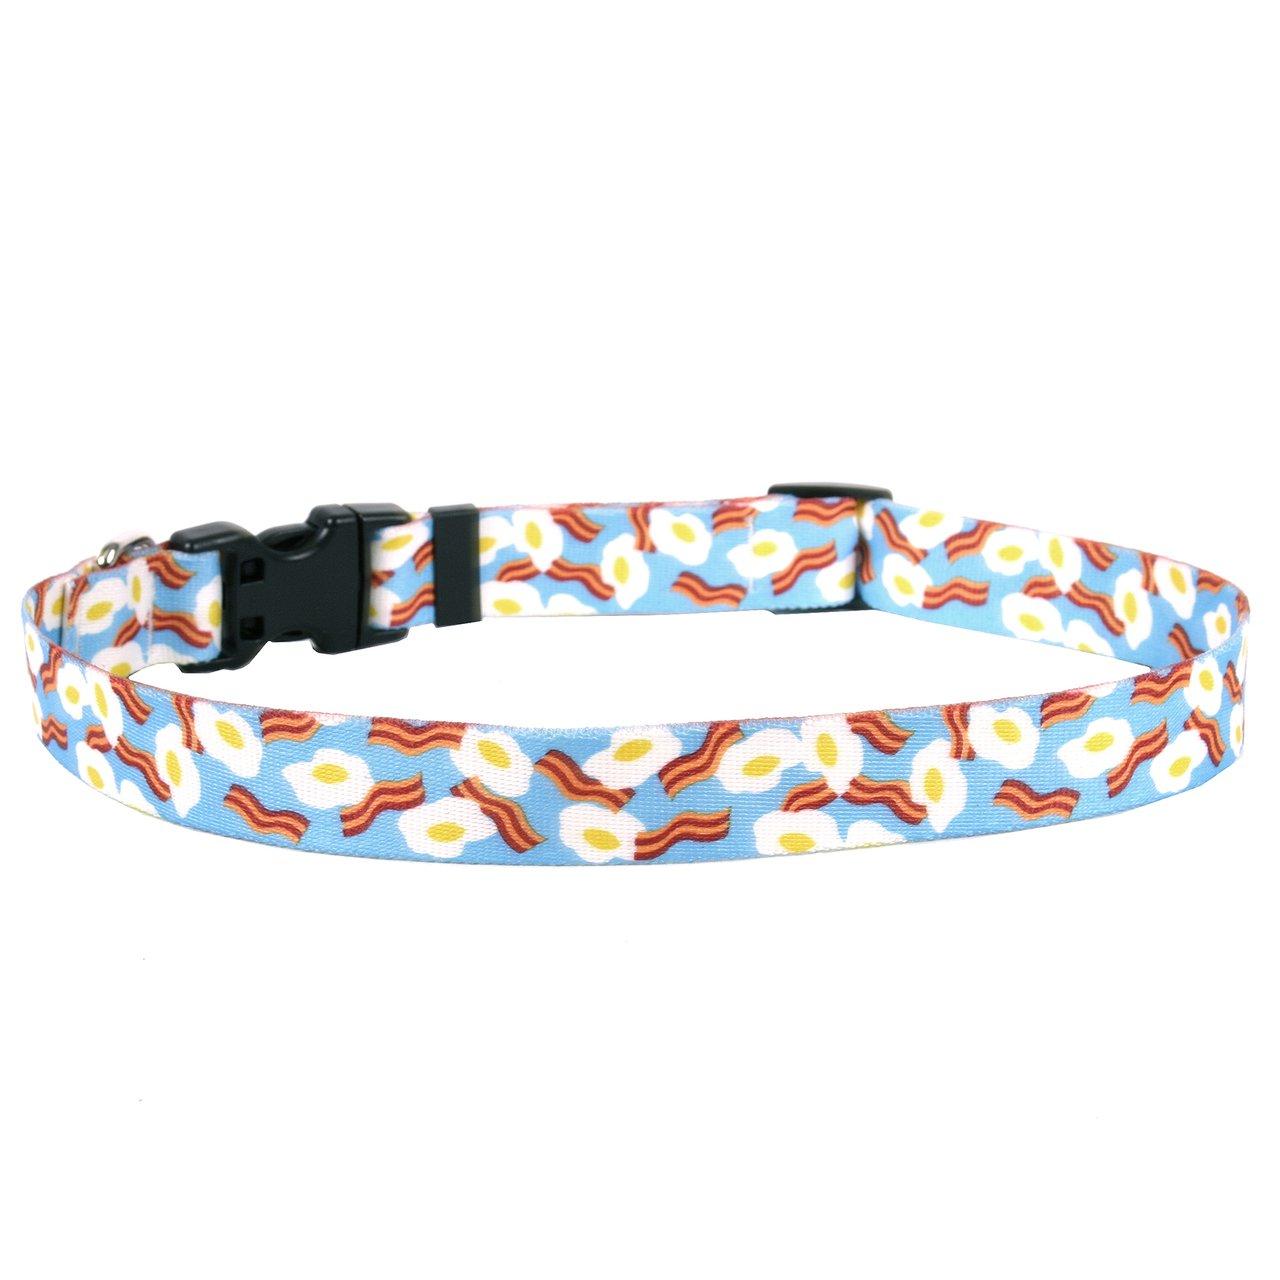 Yellow Dog Design Standard Easy-Snap Pet Collar, Bacon & Eggs, Small 10'' - 14''